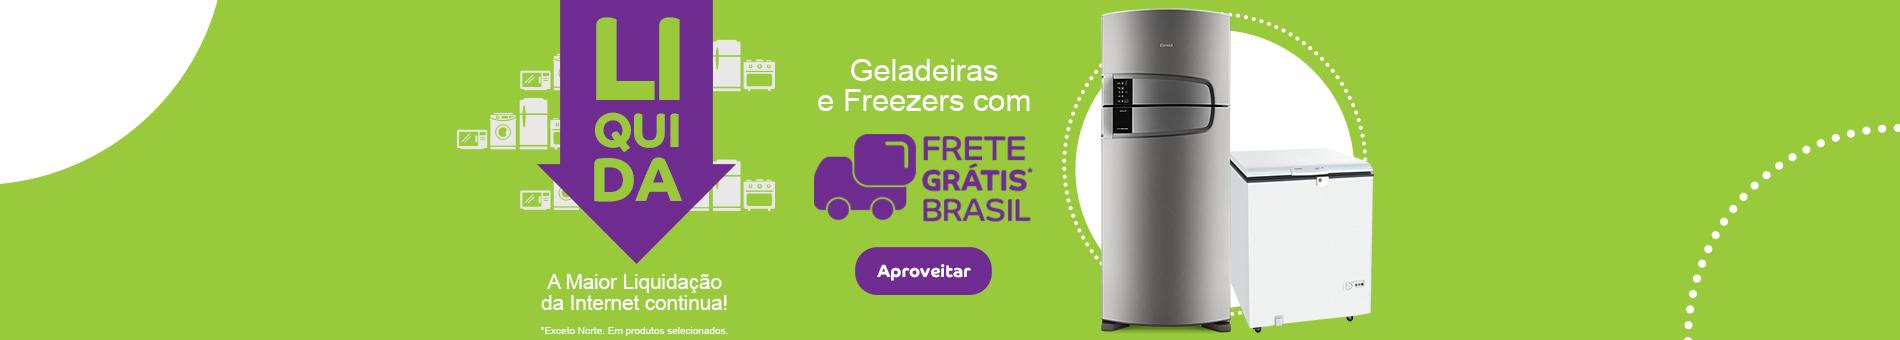 Promoção Interna - 734 - liquidaconsul_geladeirasefreezers_home2_24082016 - geladeirasefreezers - 2